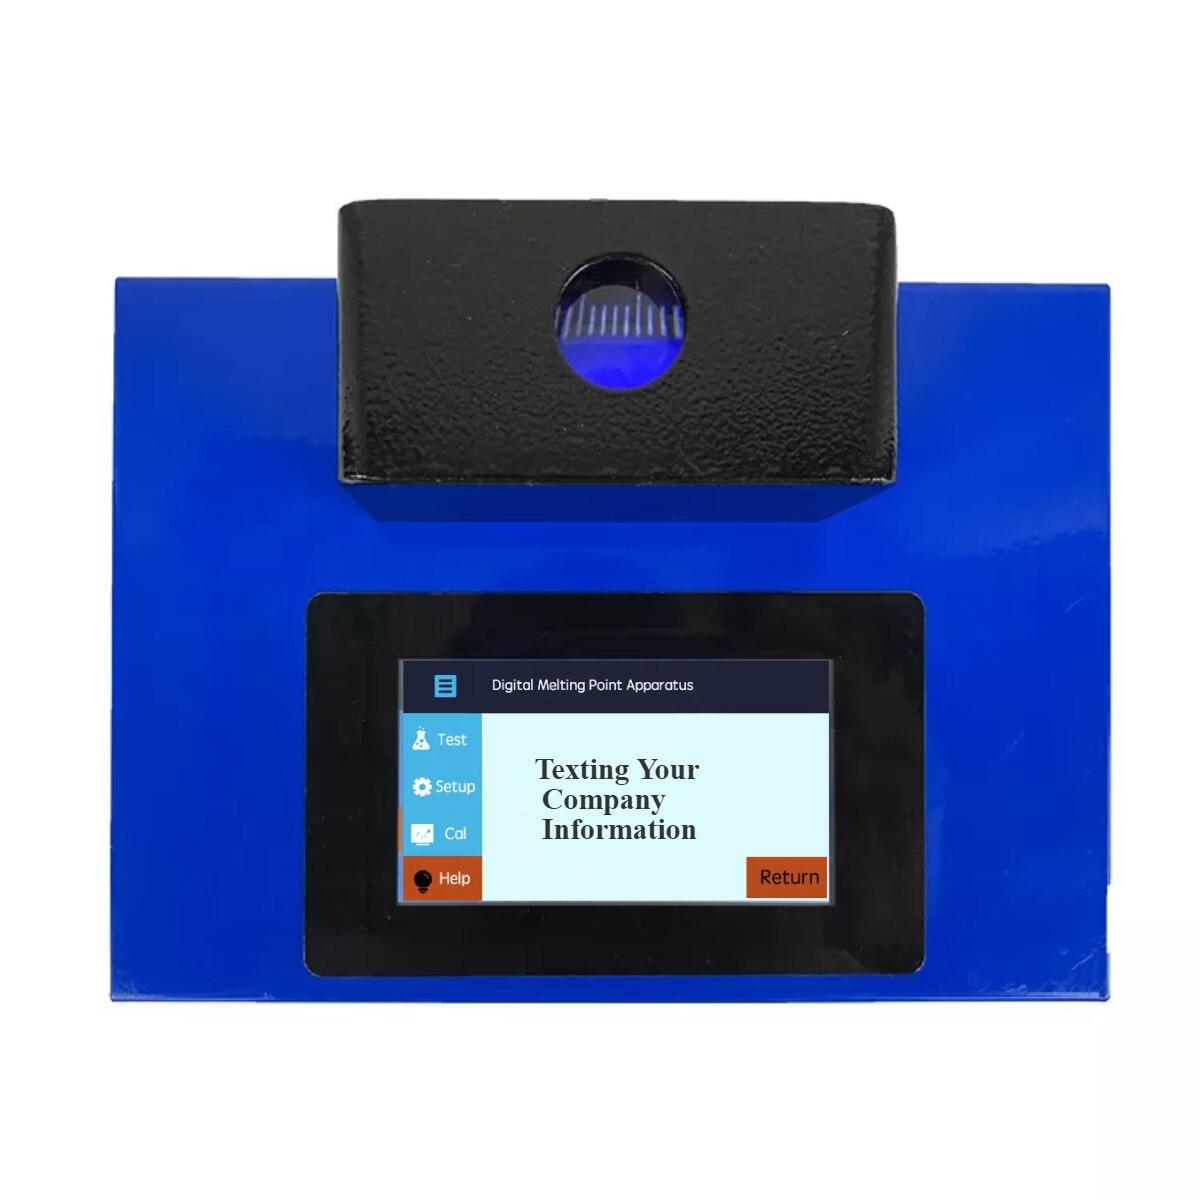 AELAB سعر جيد نقطة انصهار اختبار DMP-800 مع أنابيب صغيرة التلقائي كشف آلة اختبار الجهاز الرقمي